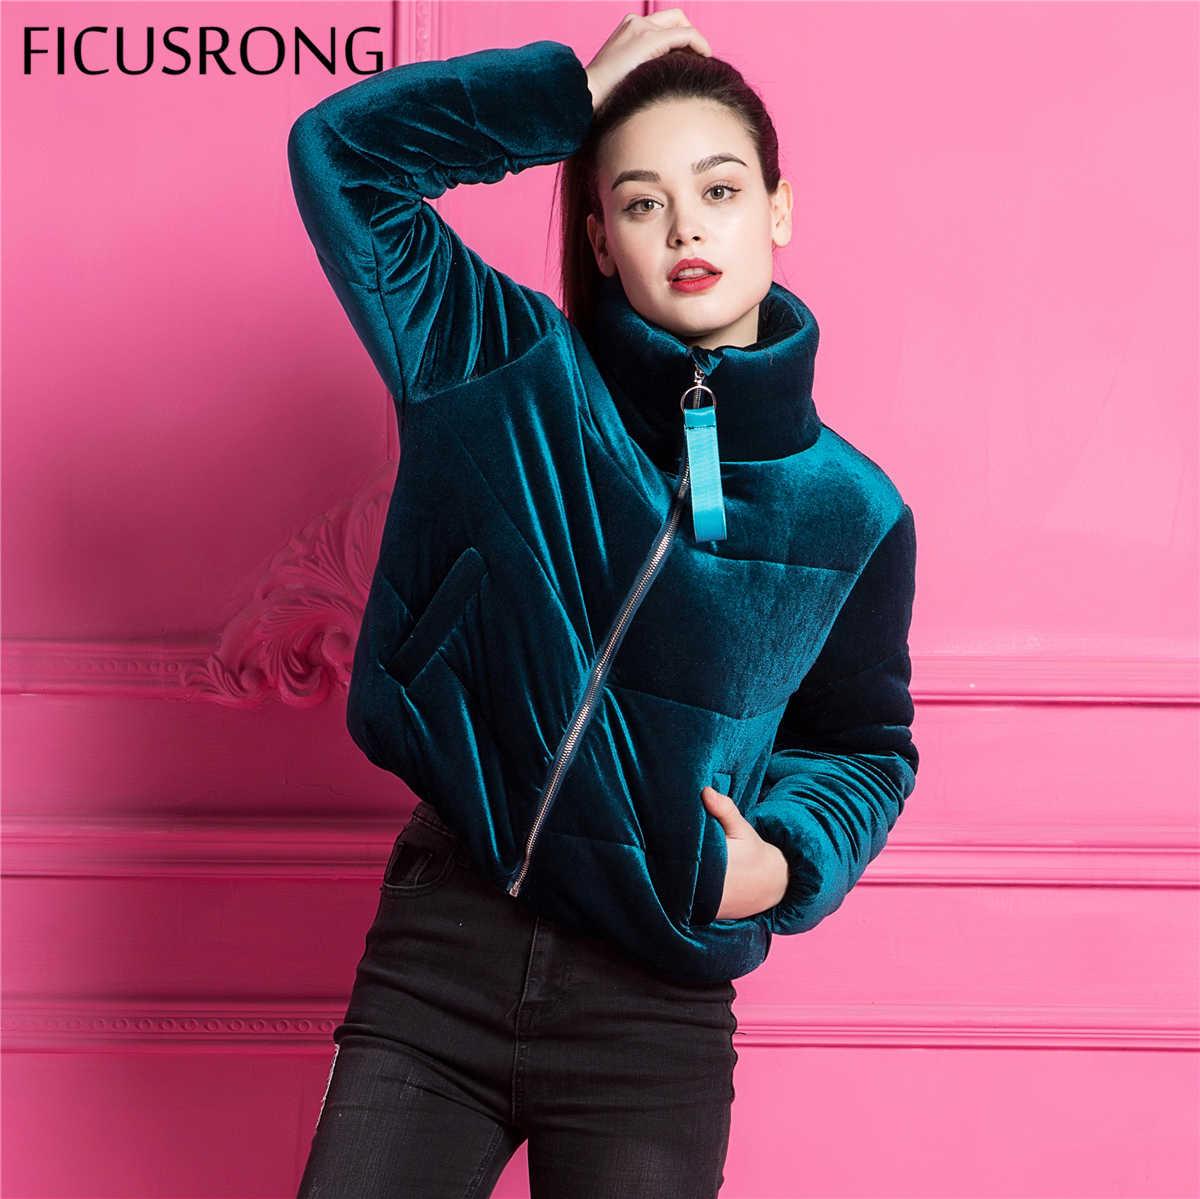 Модная бархатная Базовая куртка с хлопковой подкладкой, пальто, теплые синие парки, куртки, Женская Осенняя зимняя куртка, женская верхняя одежда, FICUSRONG